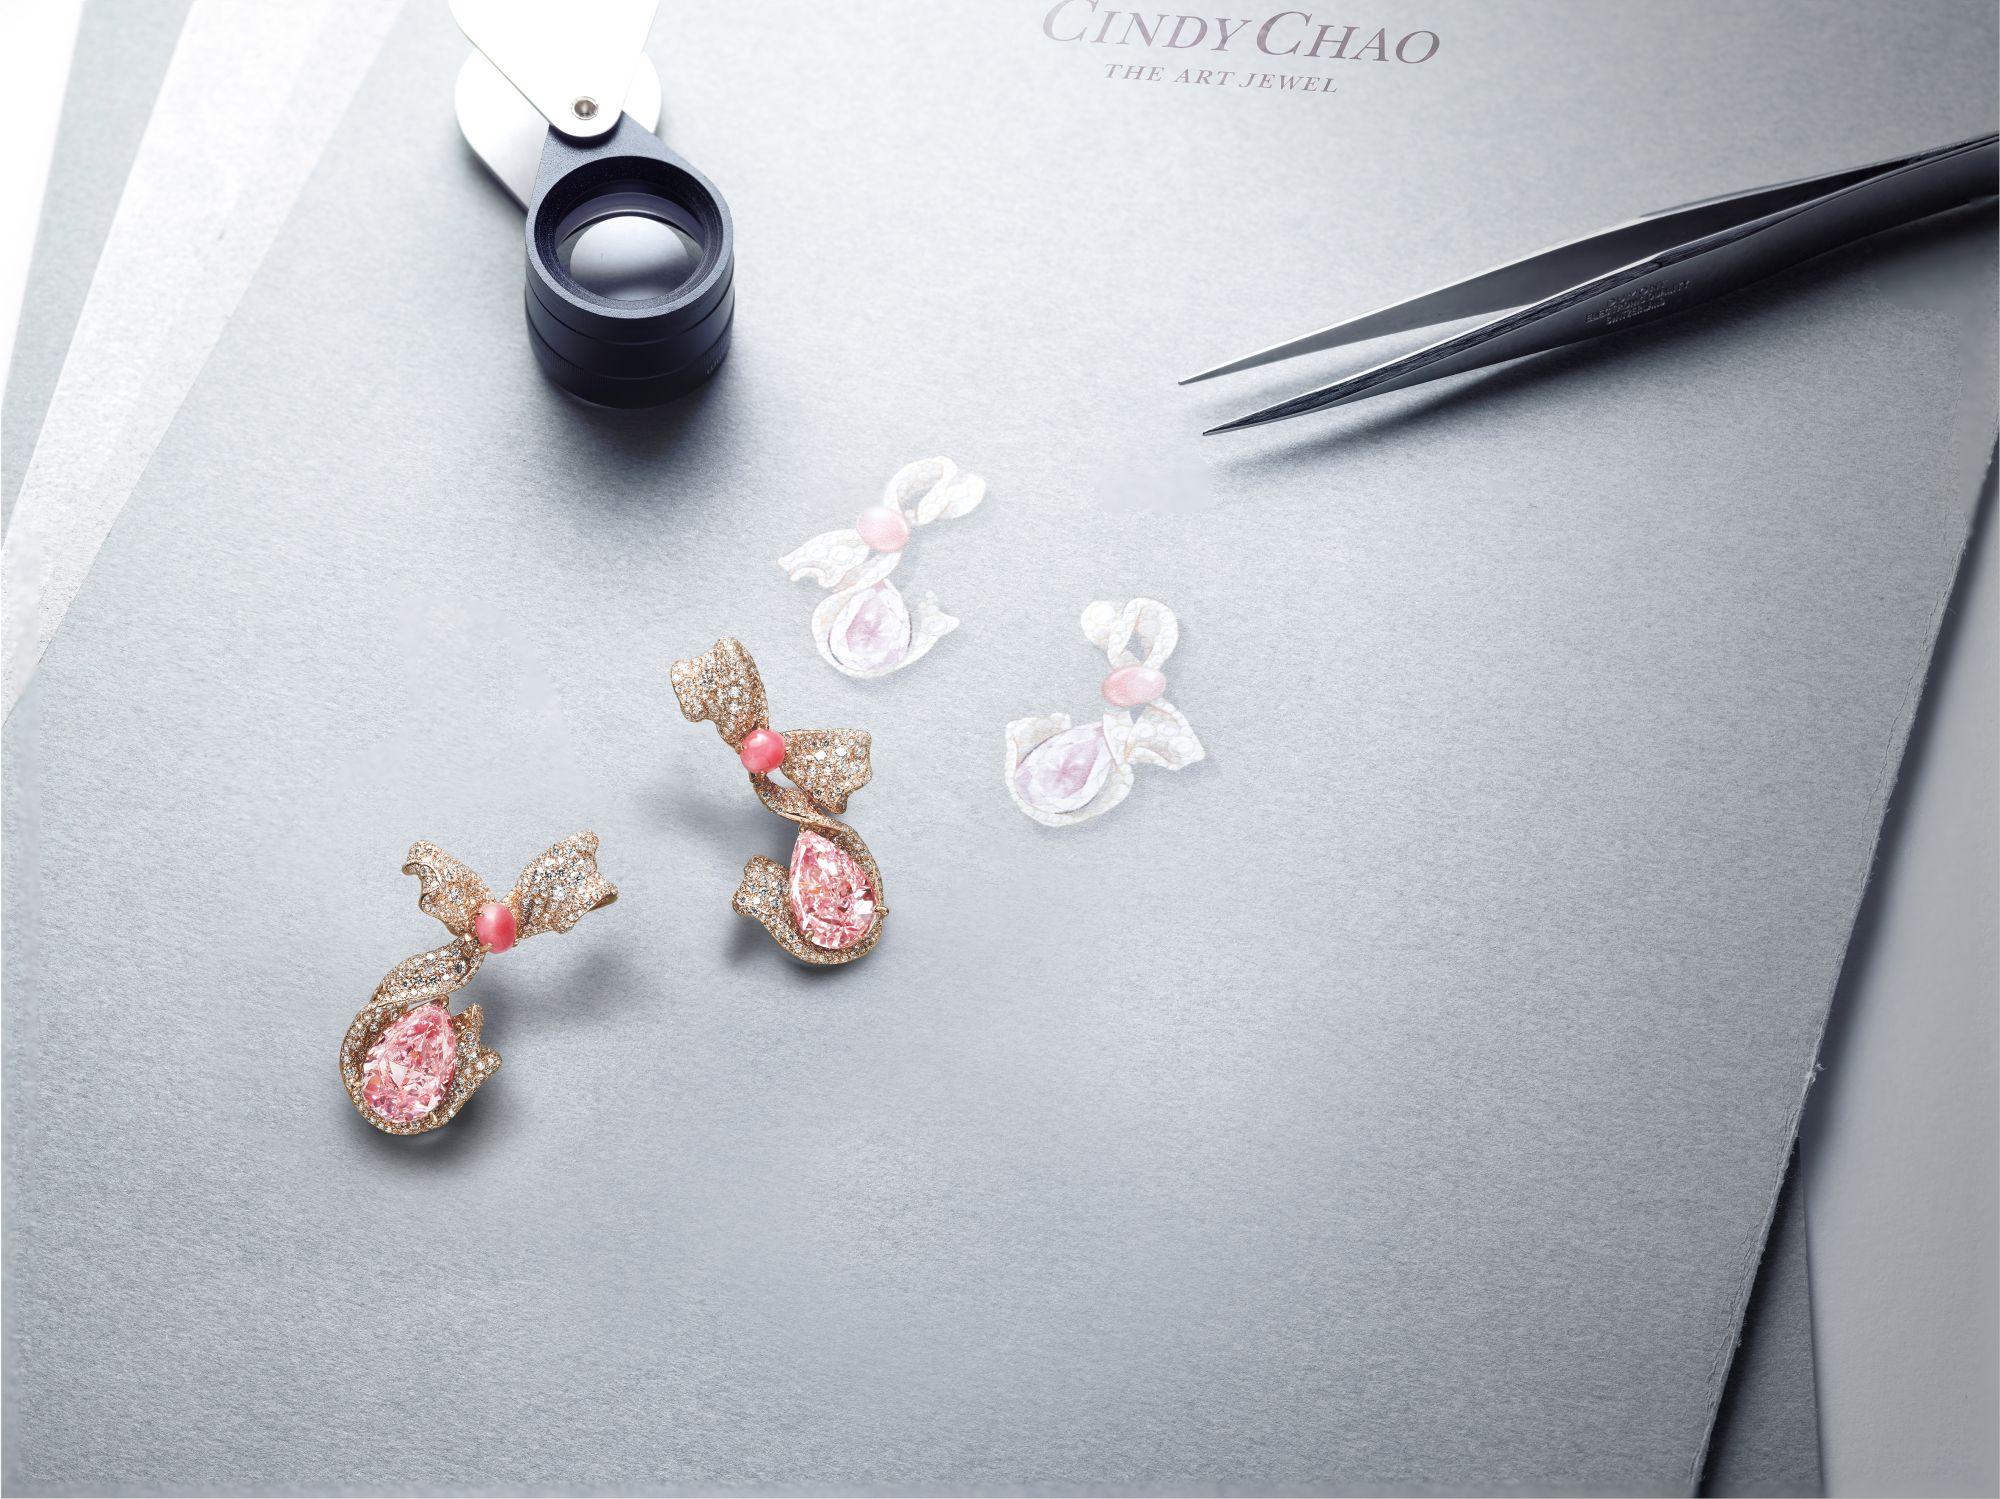 Cindy Chao近30億粉紅彩鑽系列來了!解析粉紅鑽珍貴的3大原因